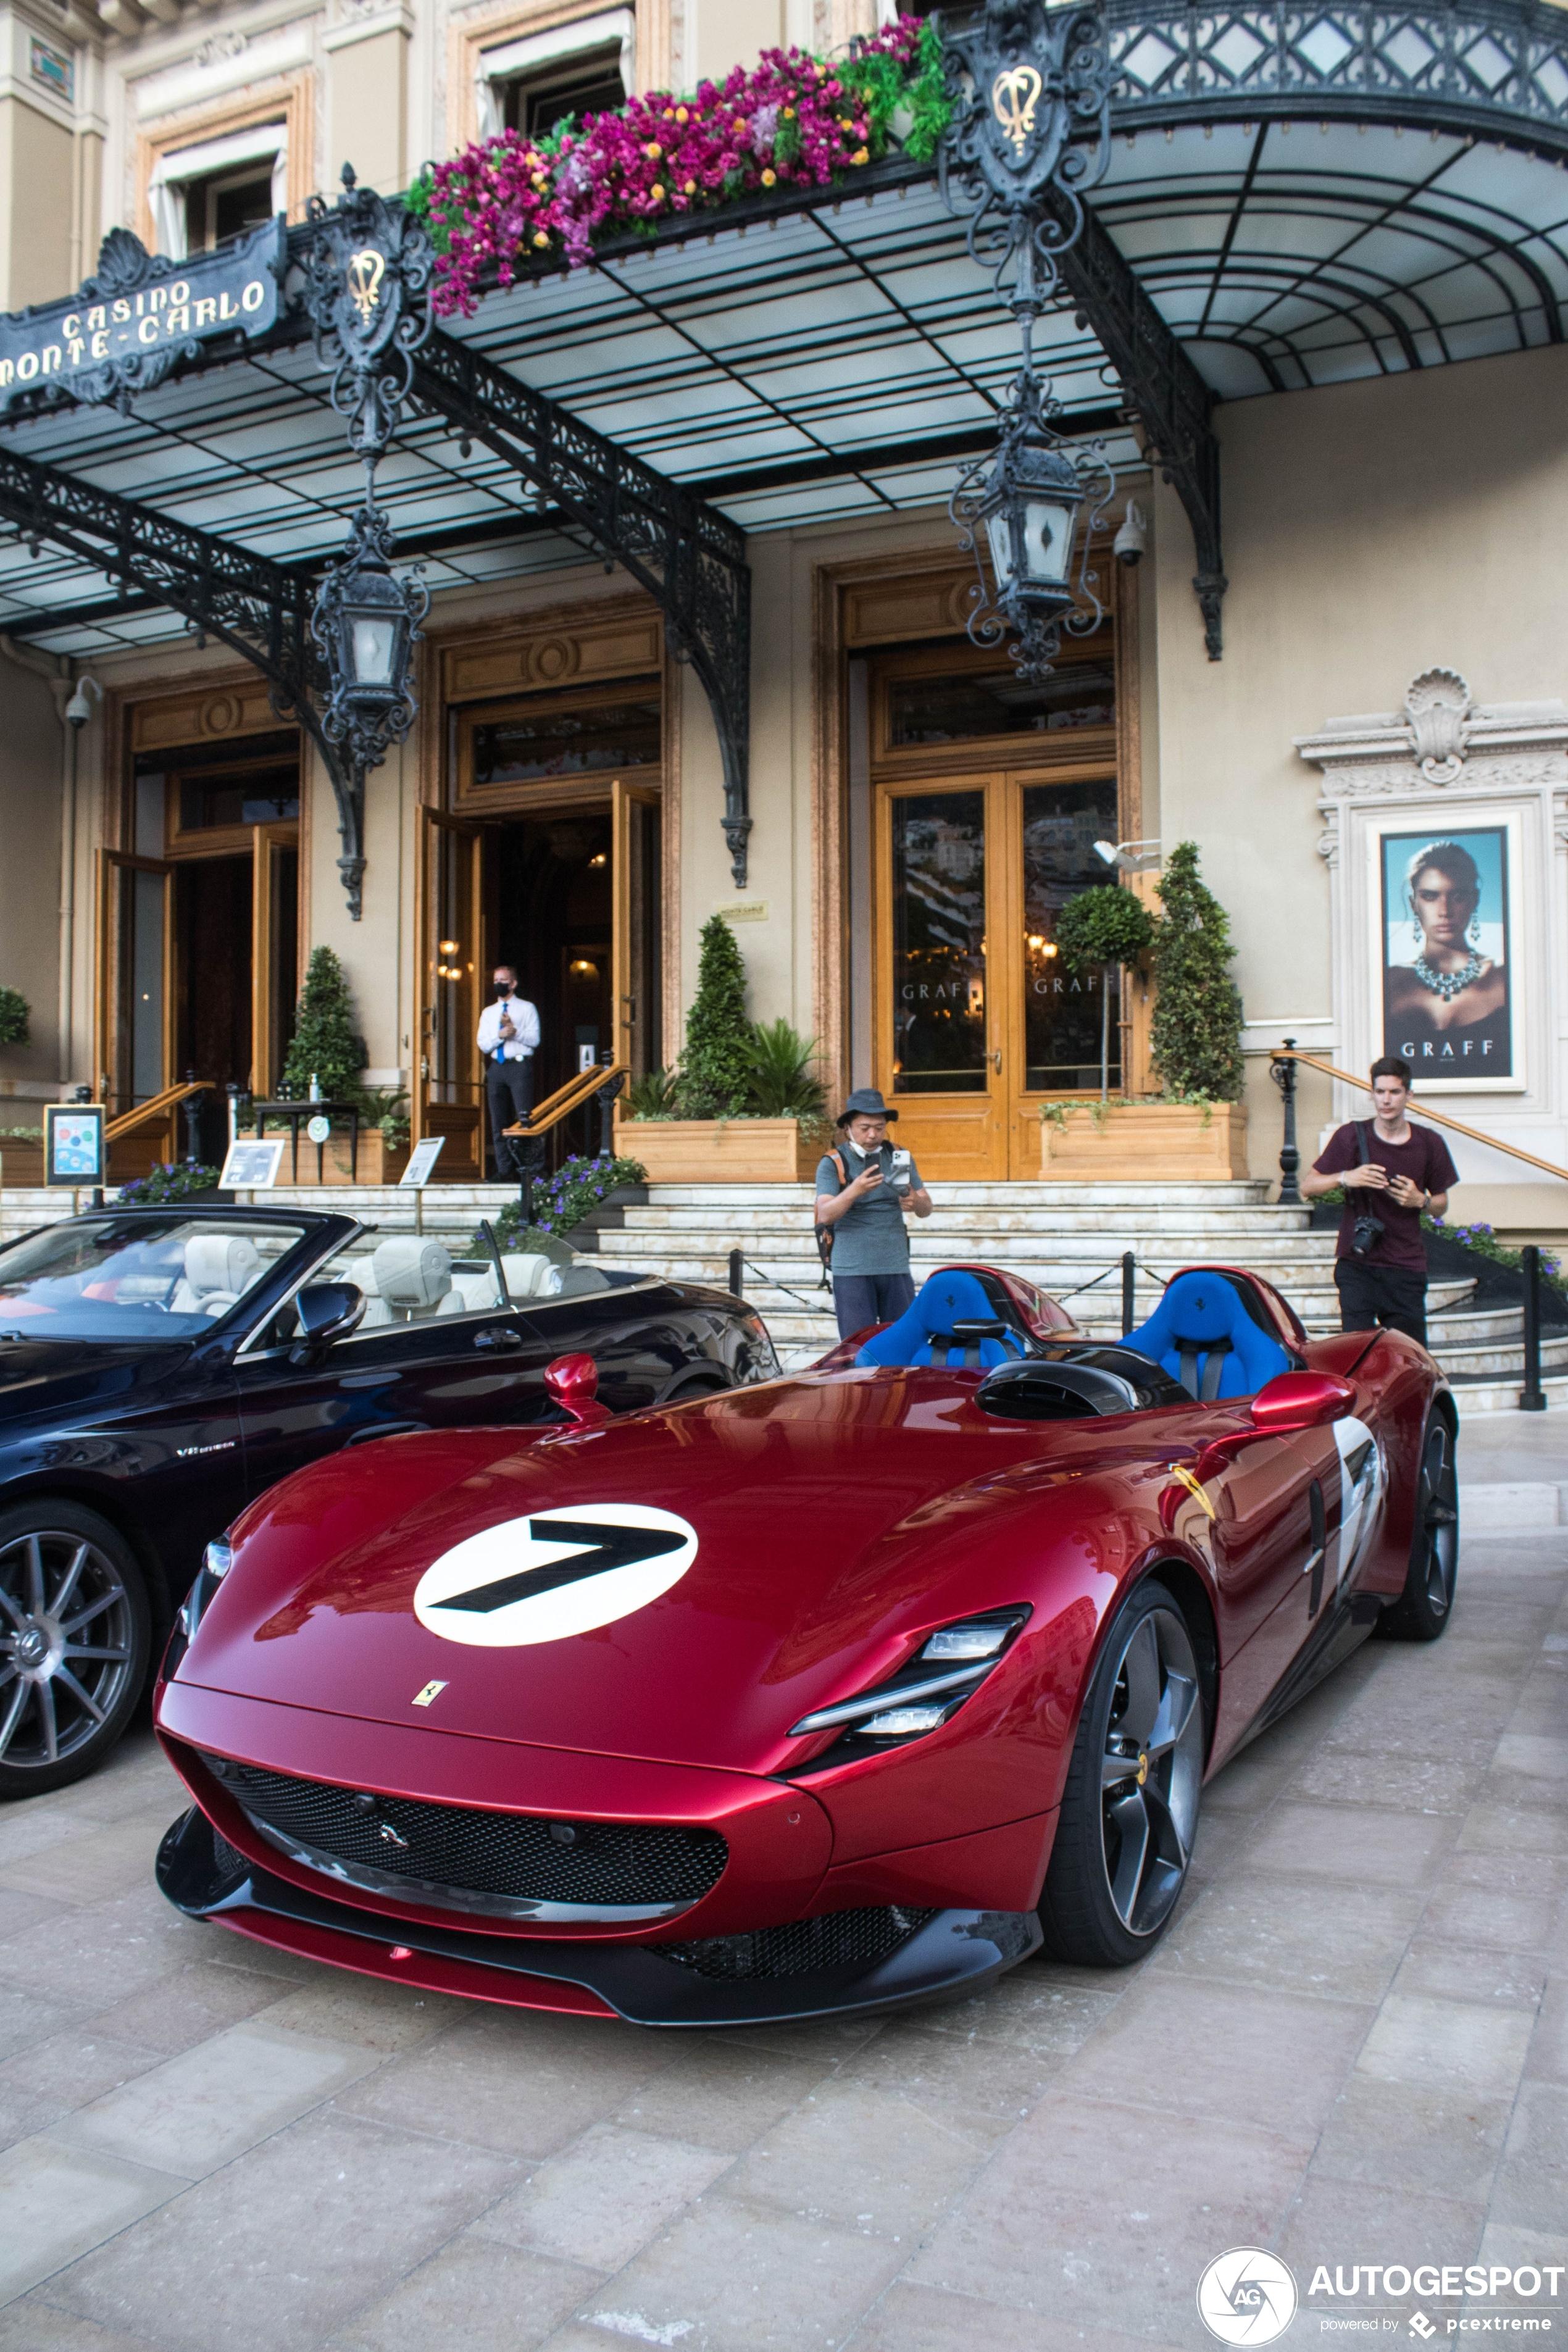 Monaco schittert weer met prachtige spots: Ferrari Monza SP2